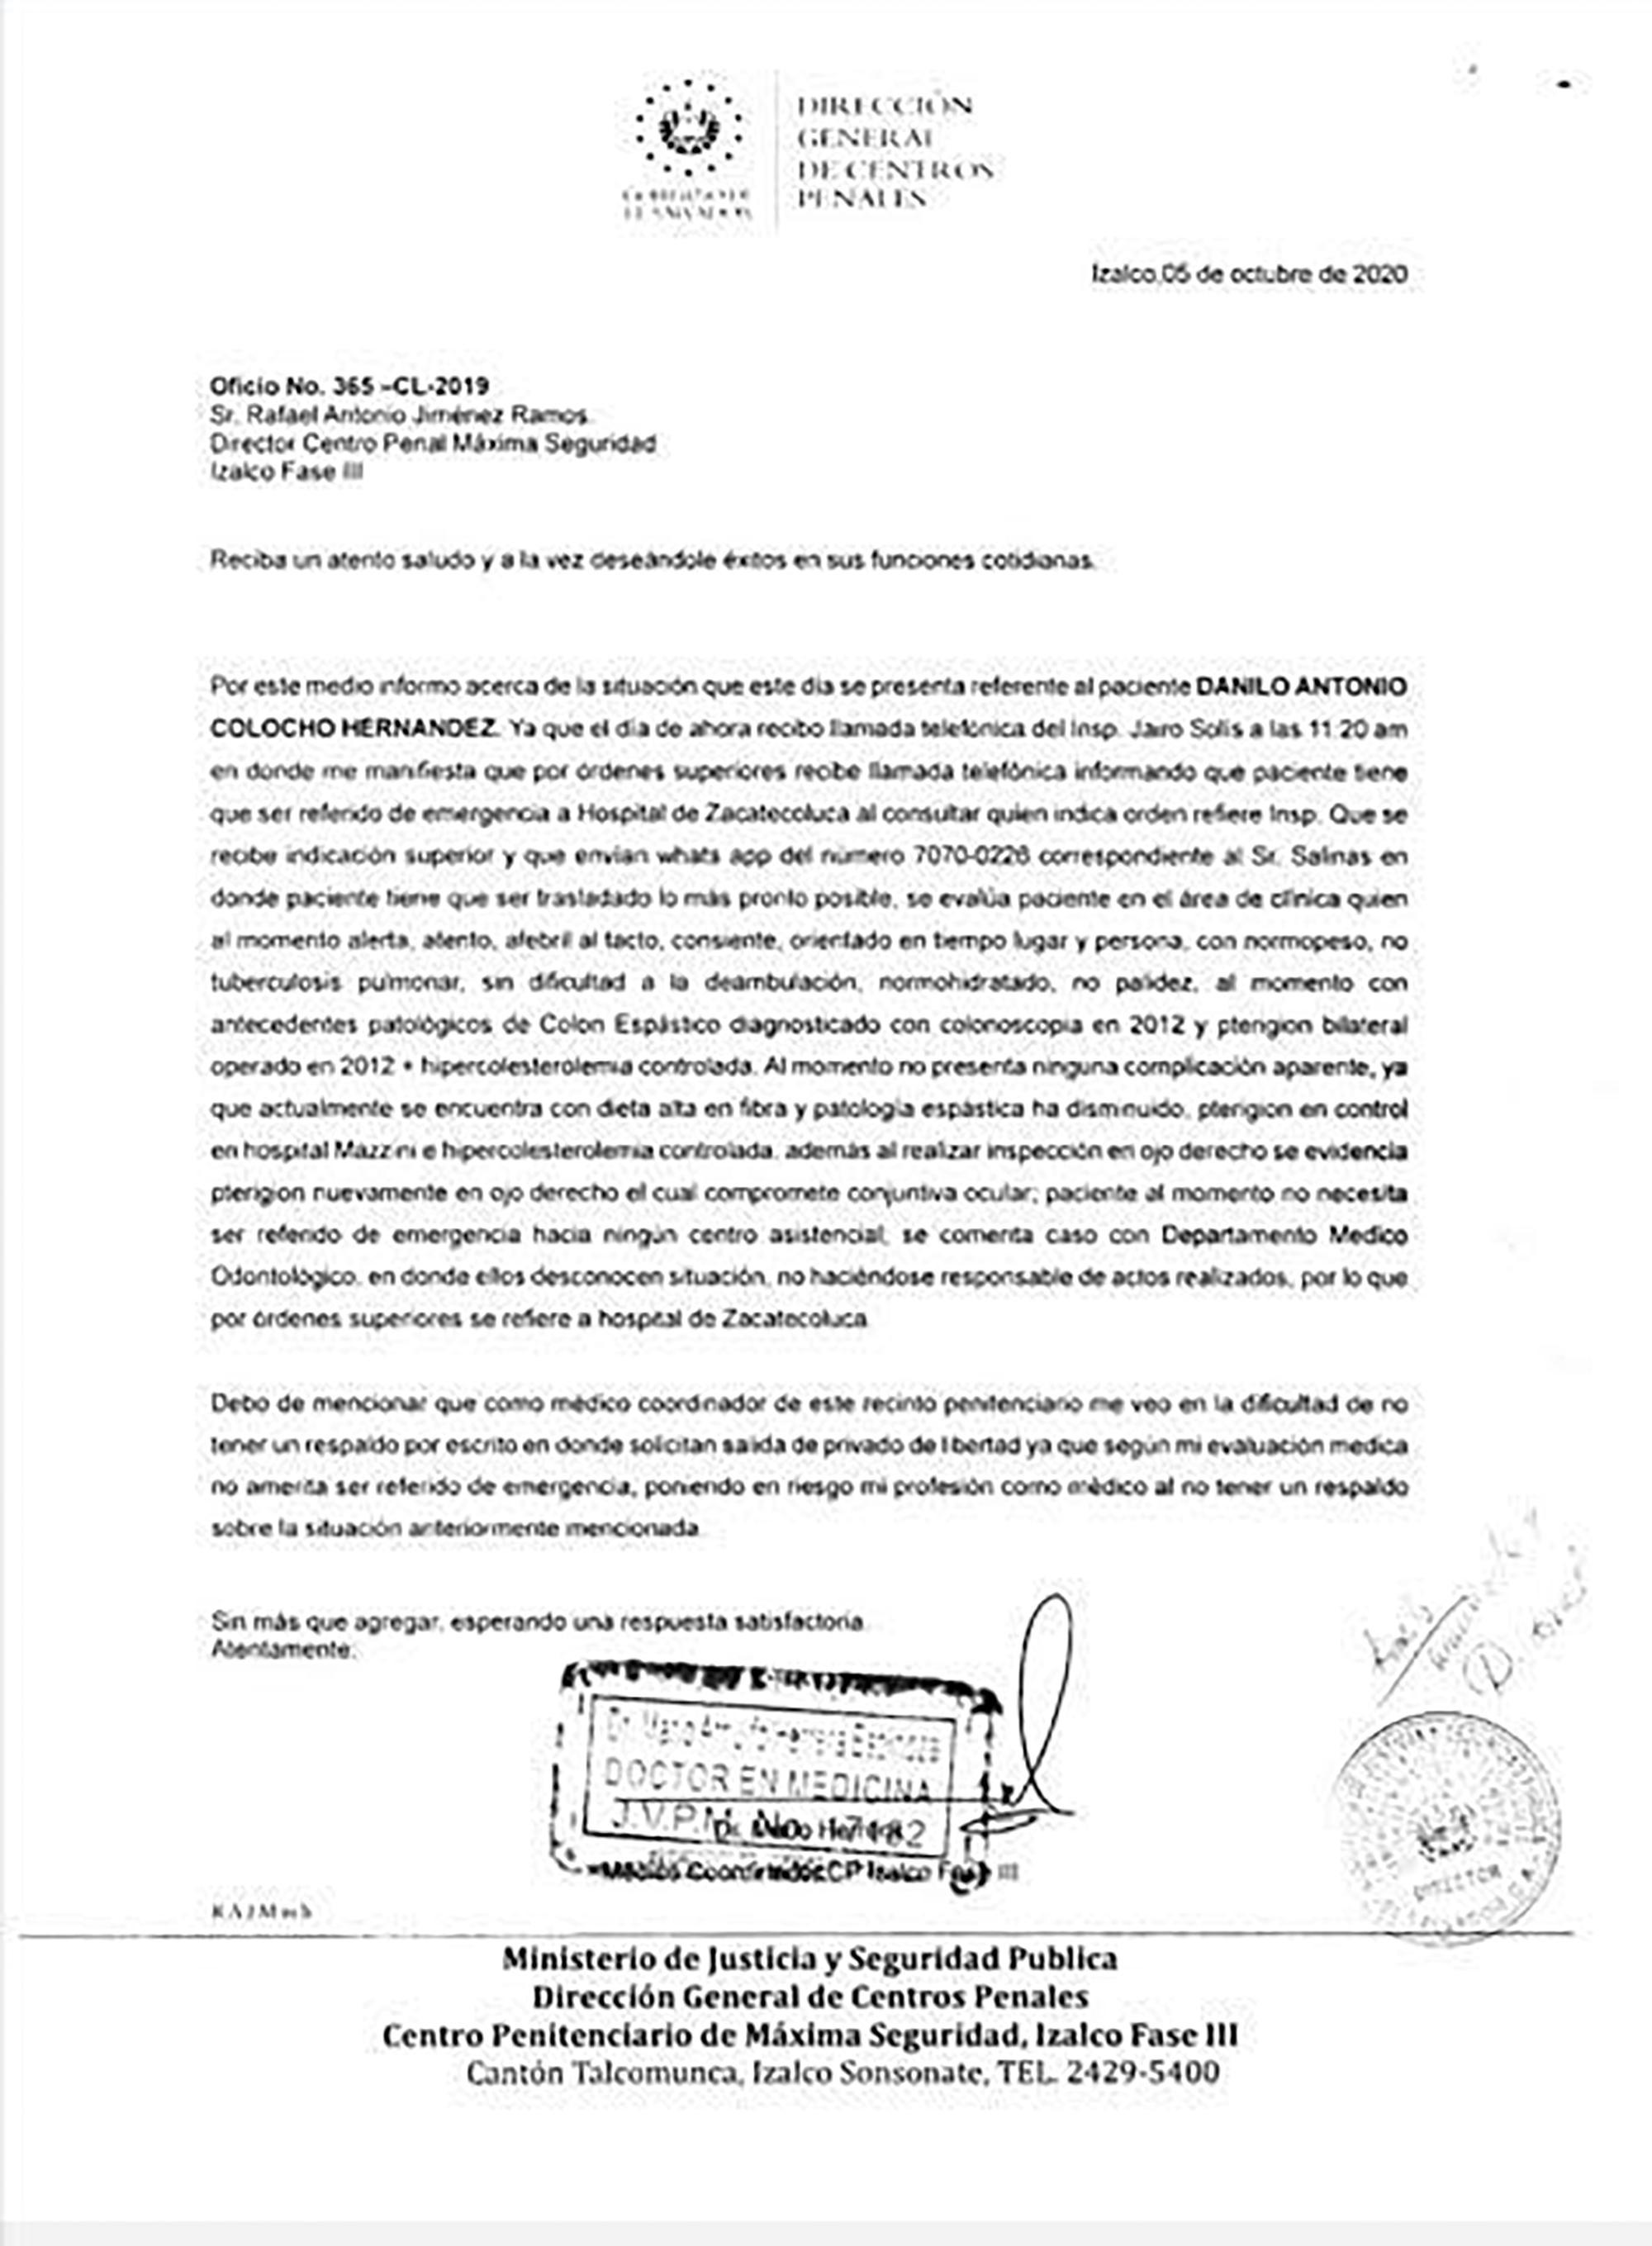 Oficio del doctor Herrera dirigido al director del penal de Izalco Fase III, certificando que Chino Milo se encontraba sano cuando se ordenó sacarlo de emergencia al hospital de Zacatecoluca, a 128 kilómetros del penal.